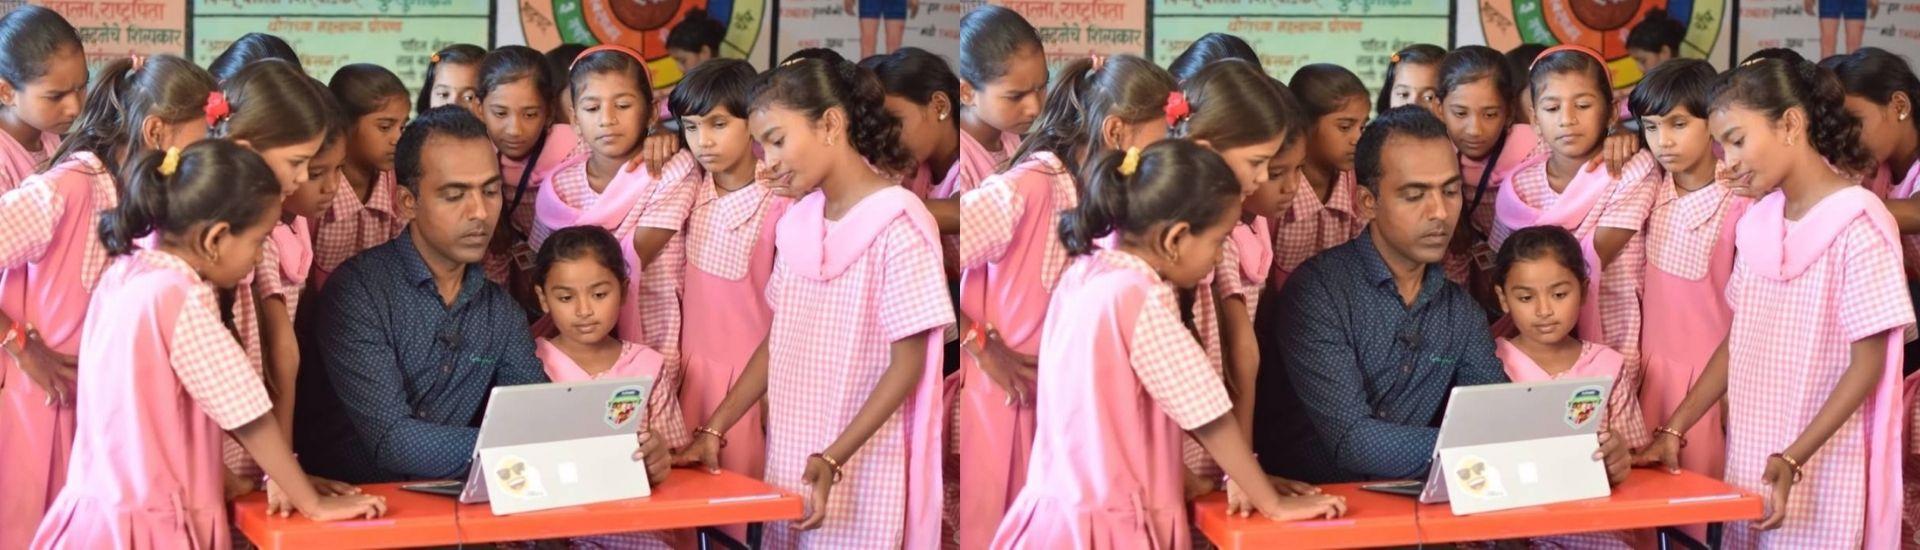 Una fotografía del profesor de la India, Ranjitsinh Disale, trabajando un texto con códigos QR junto a sus alumnas. Crédito: Global Teacher Prize